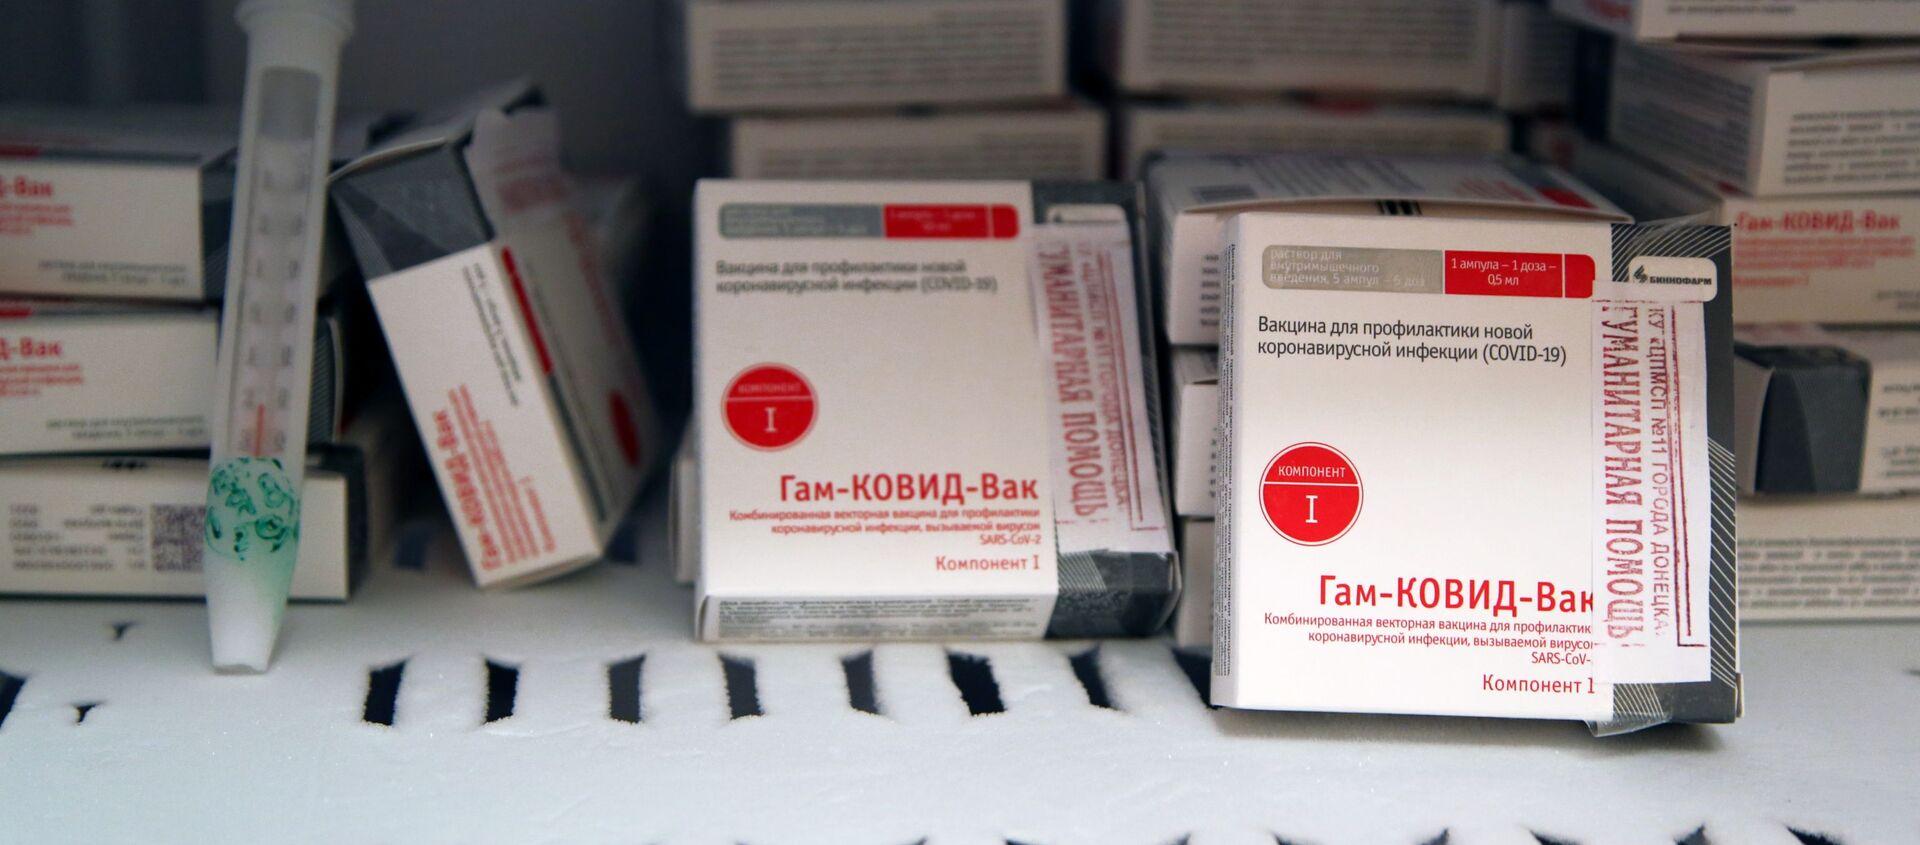 Kutije sa vakcinom protiv kovida Sputnjik Ve u komori za skladištenje - Sputnik Srbija, 1920, 09.02.2021